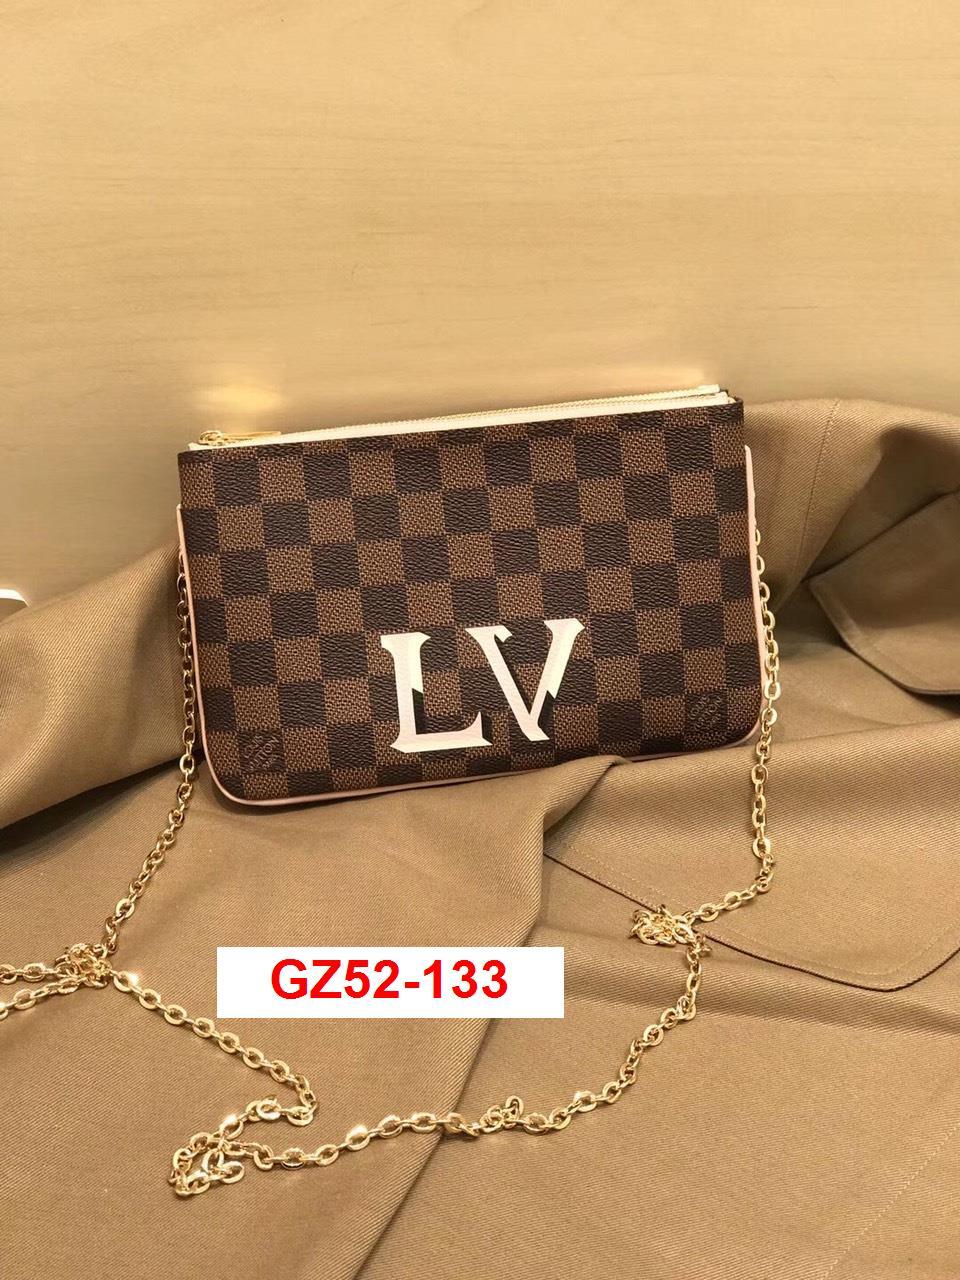 GZ52-133 Louis Vuitton túi size 20cm siêu cấp